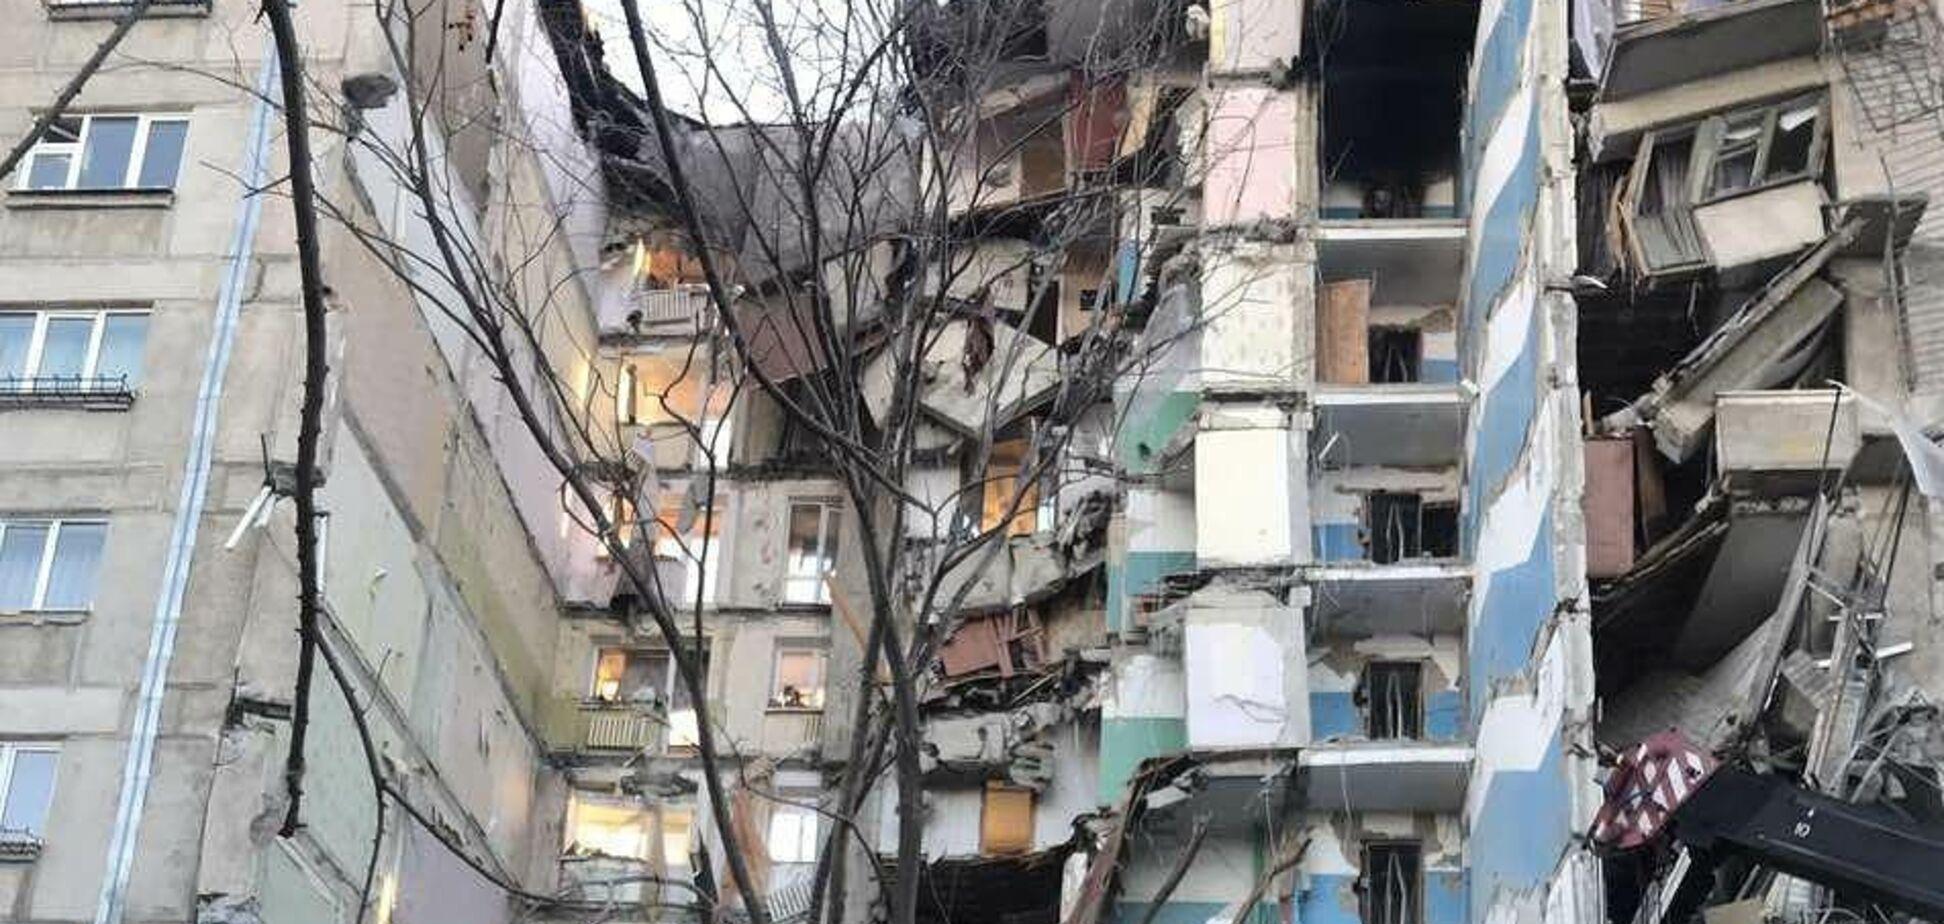 Взрыв в Магнитогорске: результат отношения к народу, как к безответному быдлу